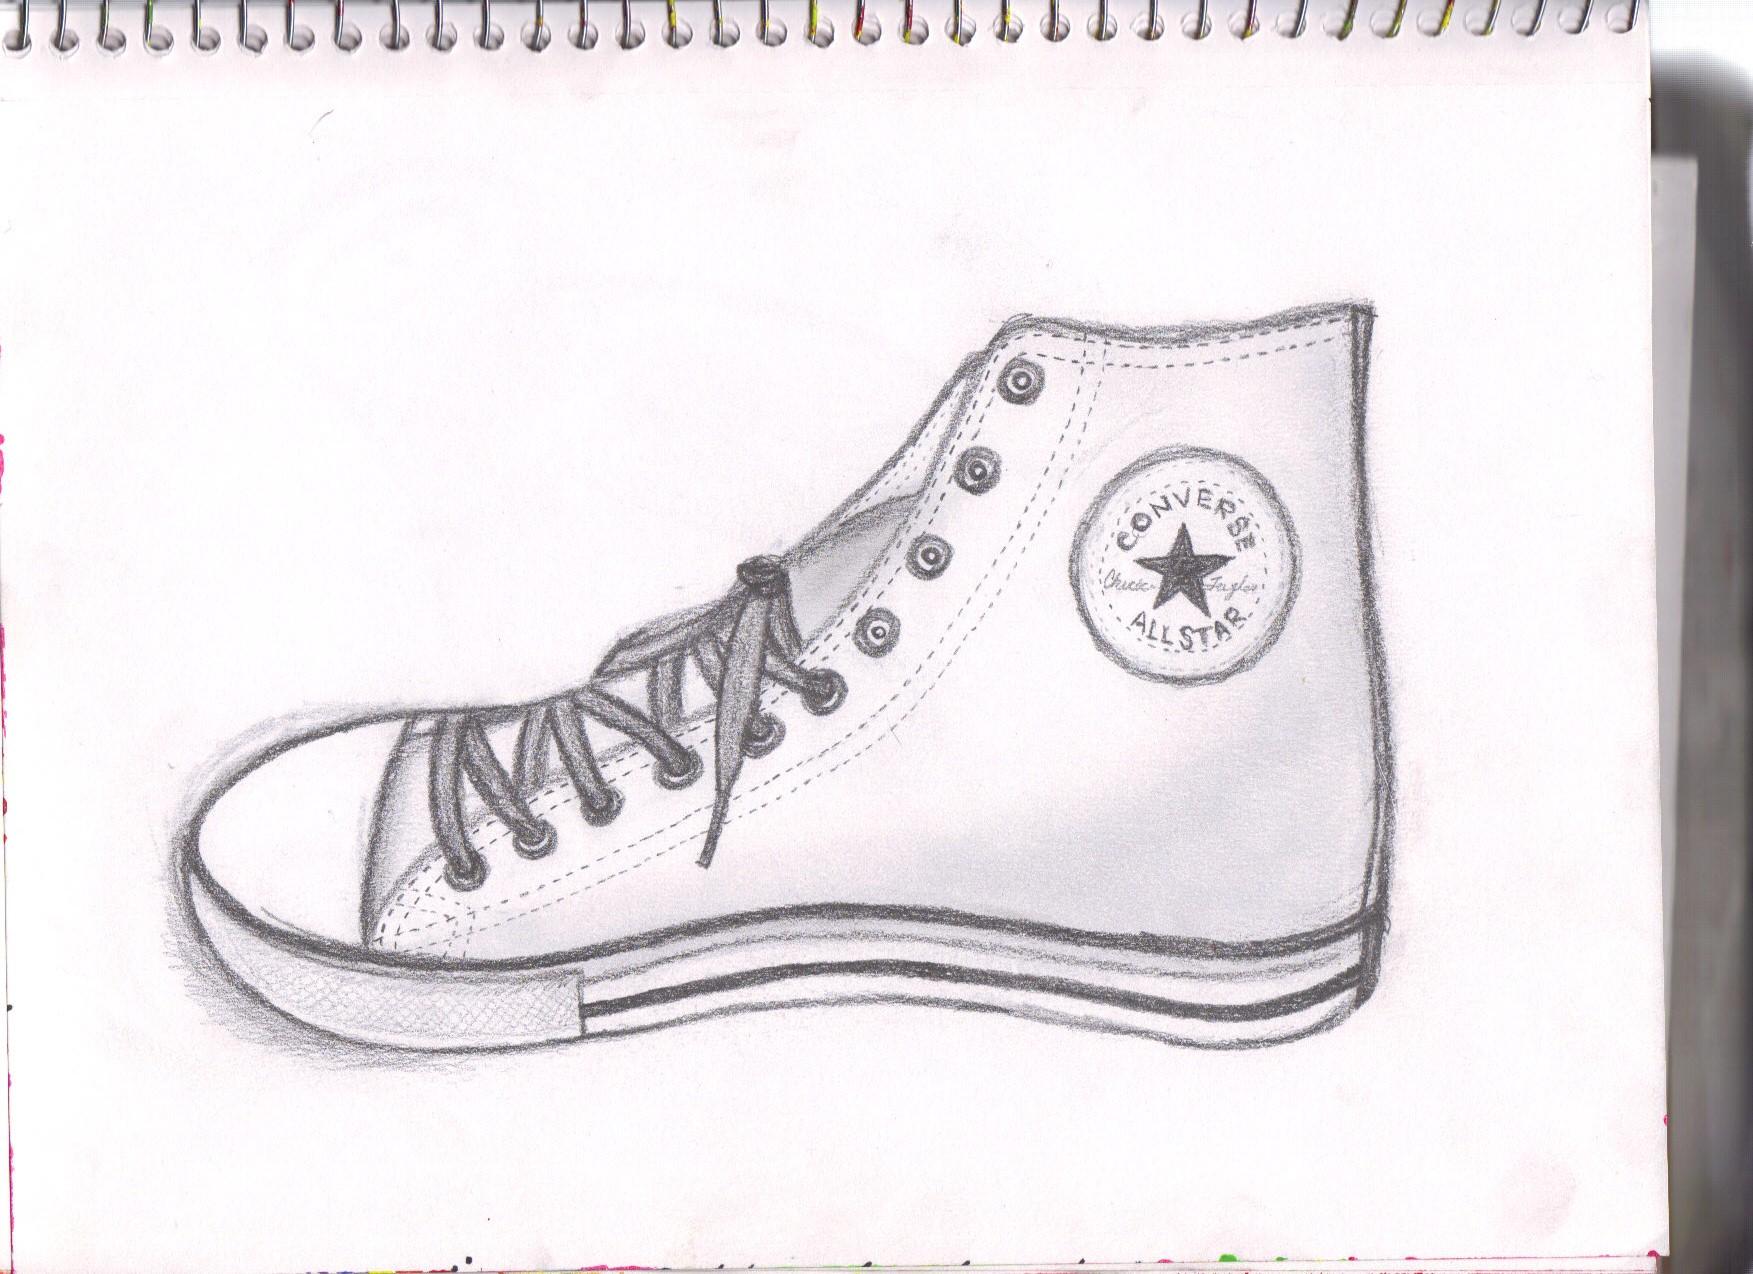 Drawn shoe converse XkoolXsoxX by Converse XkoolXsoxX Converse